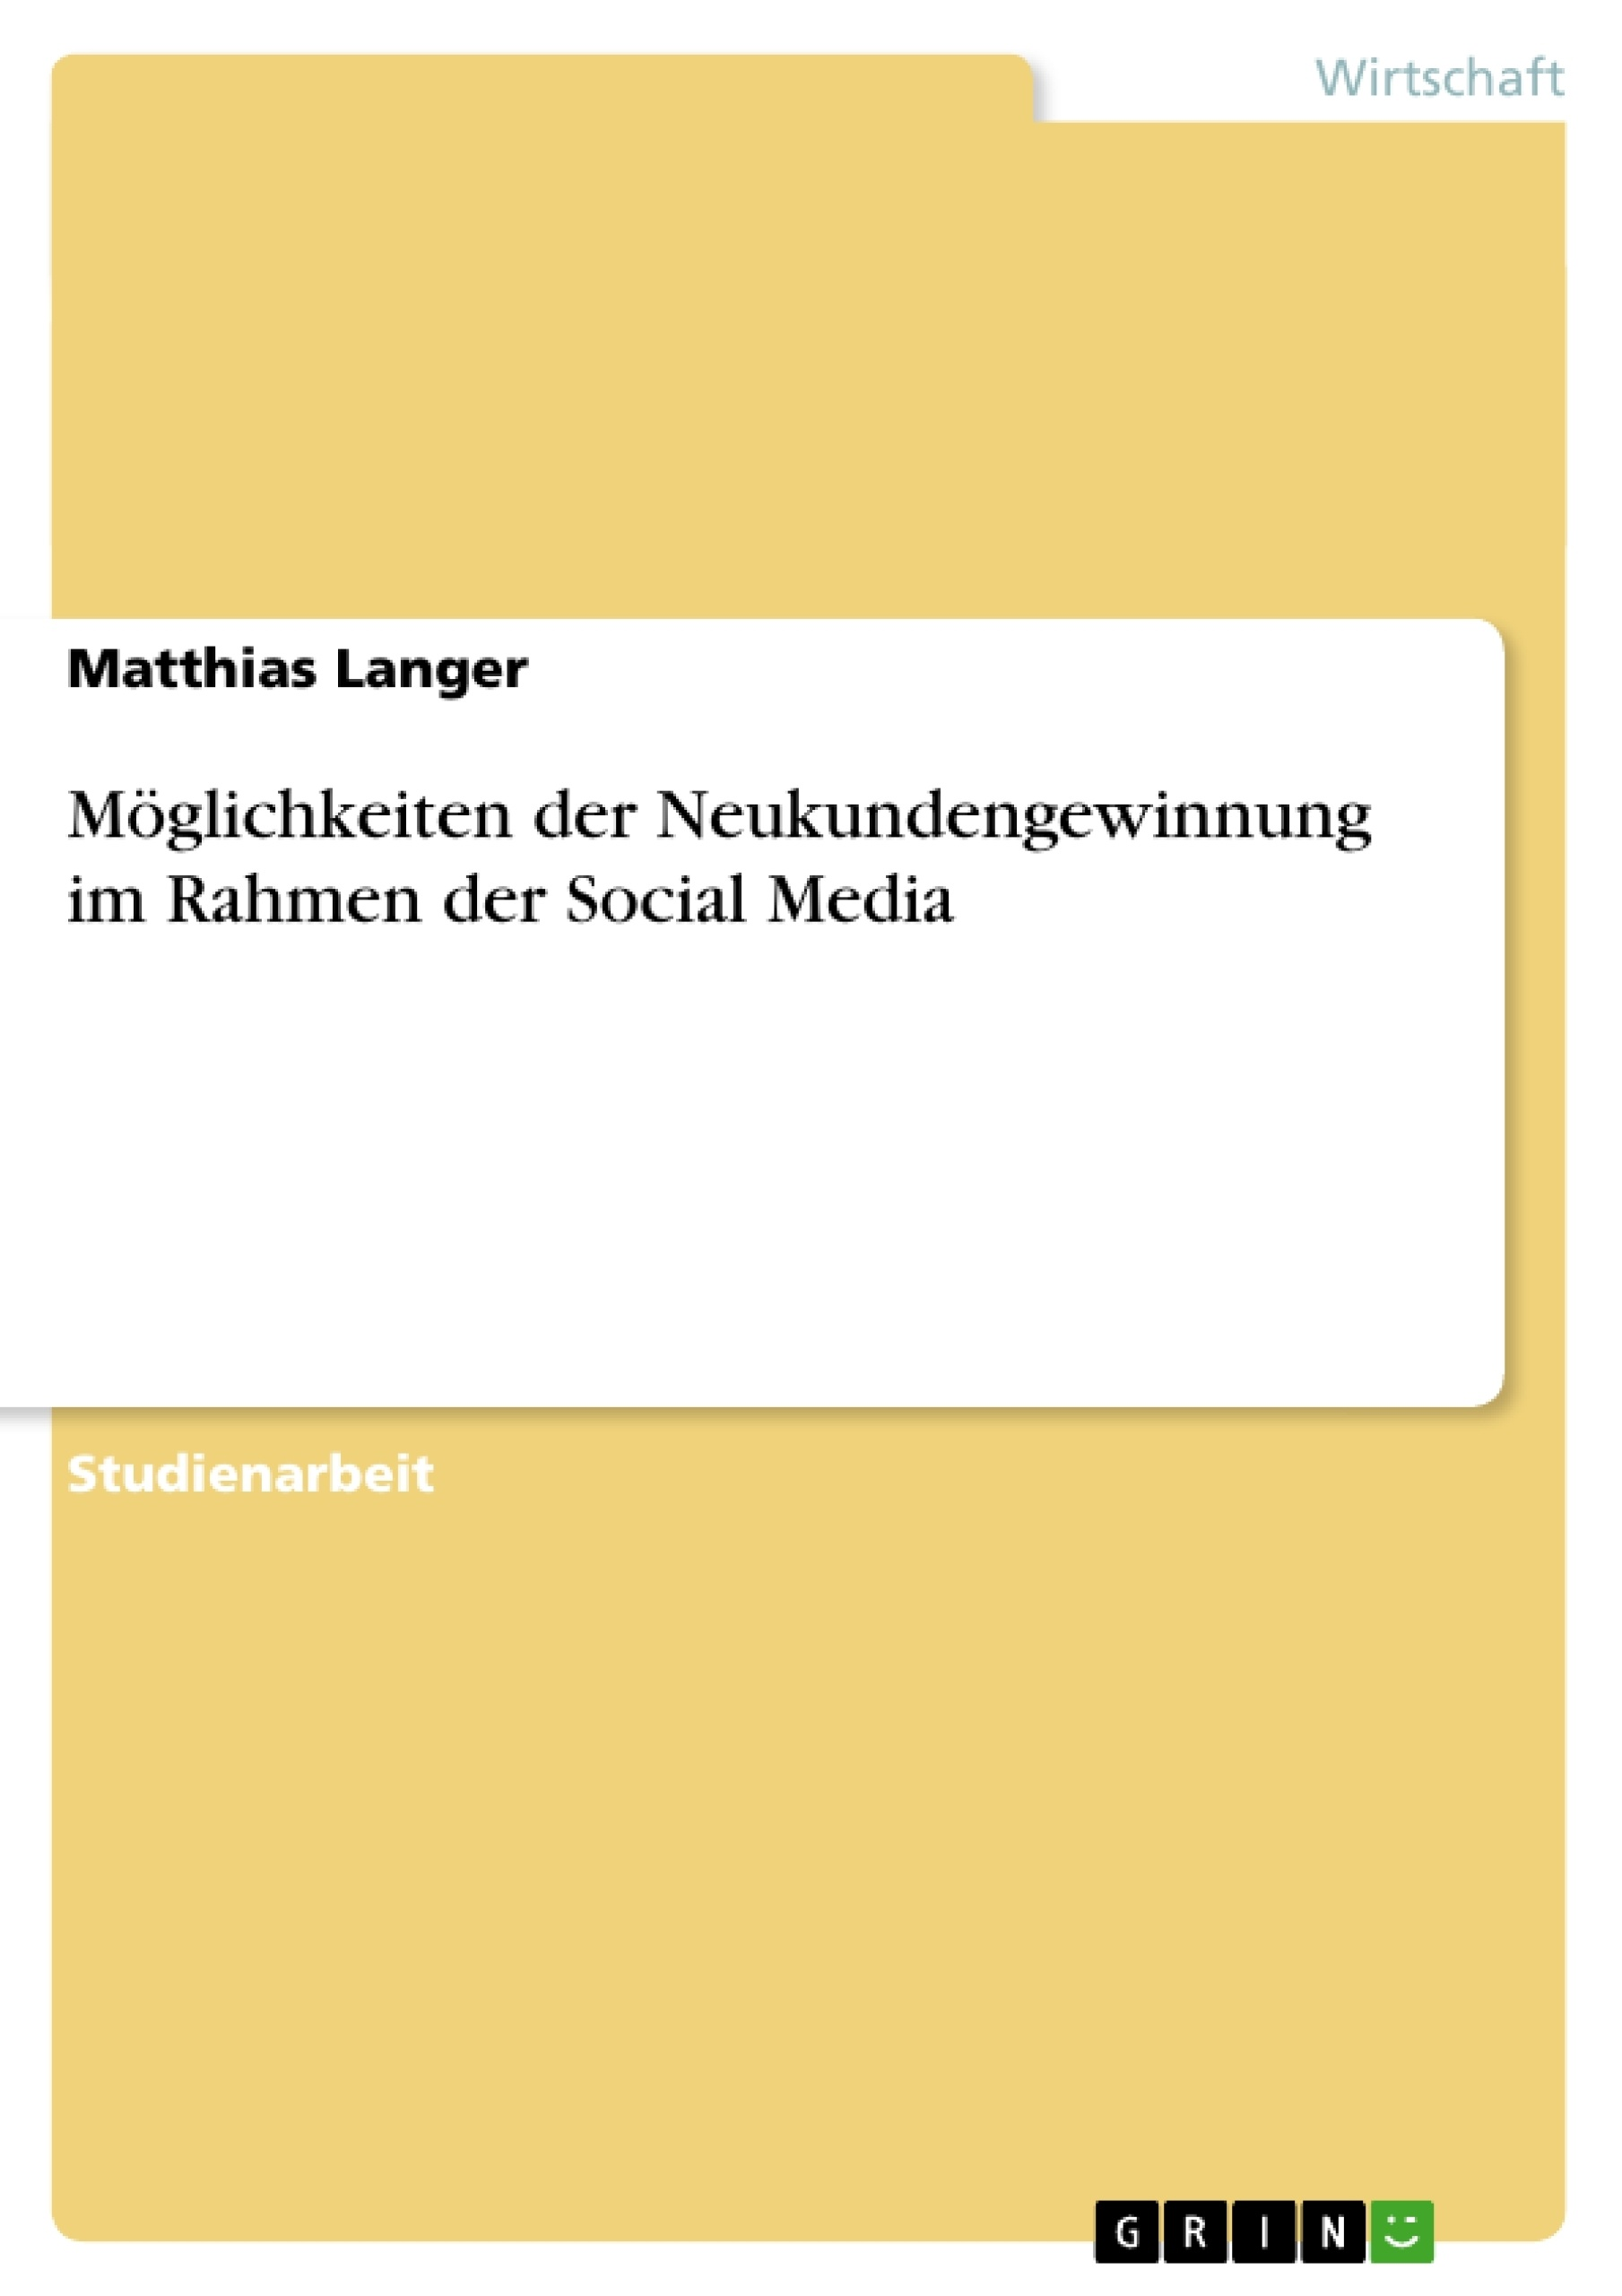 Titel: Möglichkeiten der Neukundengewinnung im Rahmen der Social Media